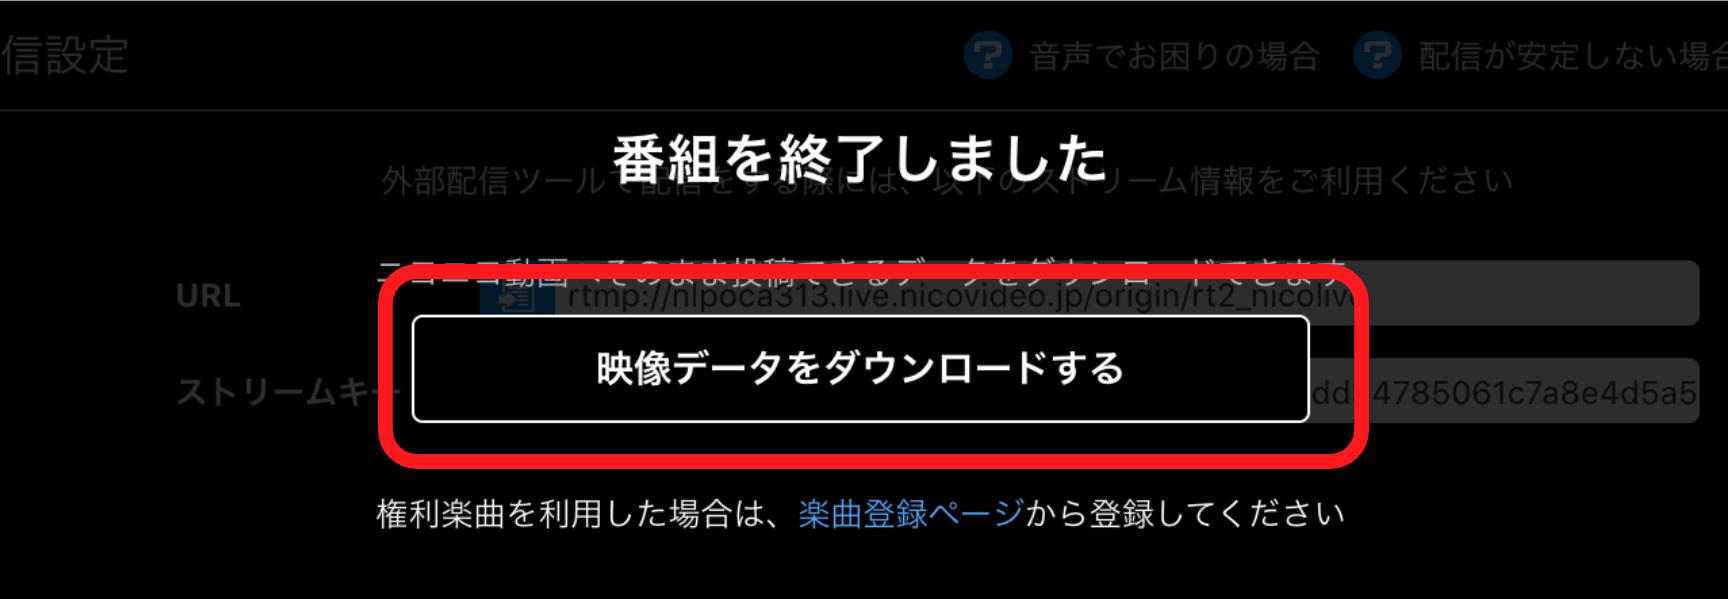 ニコ生-ダウンロード